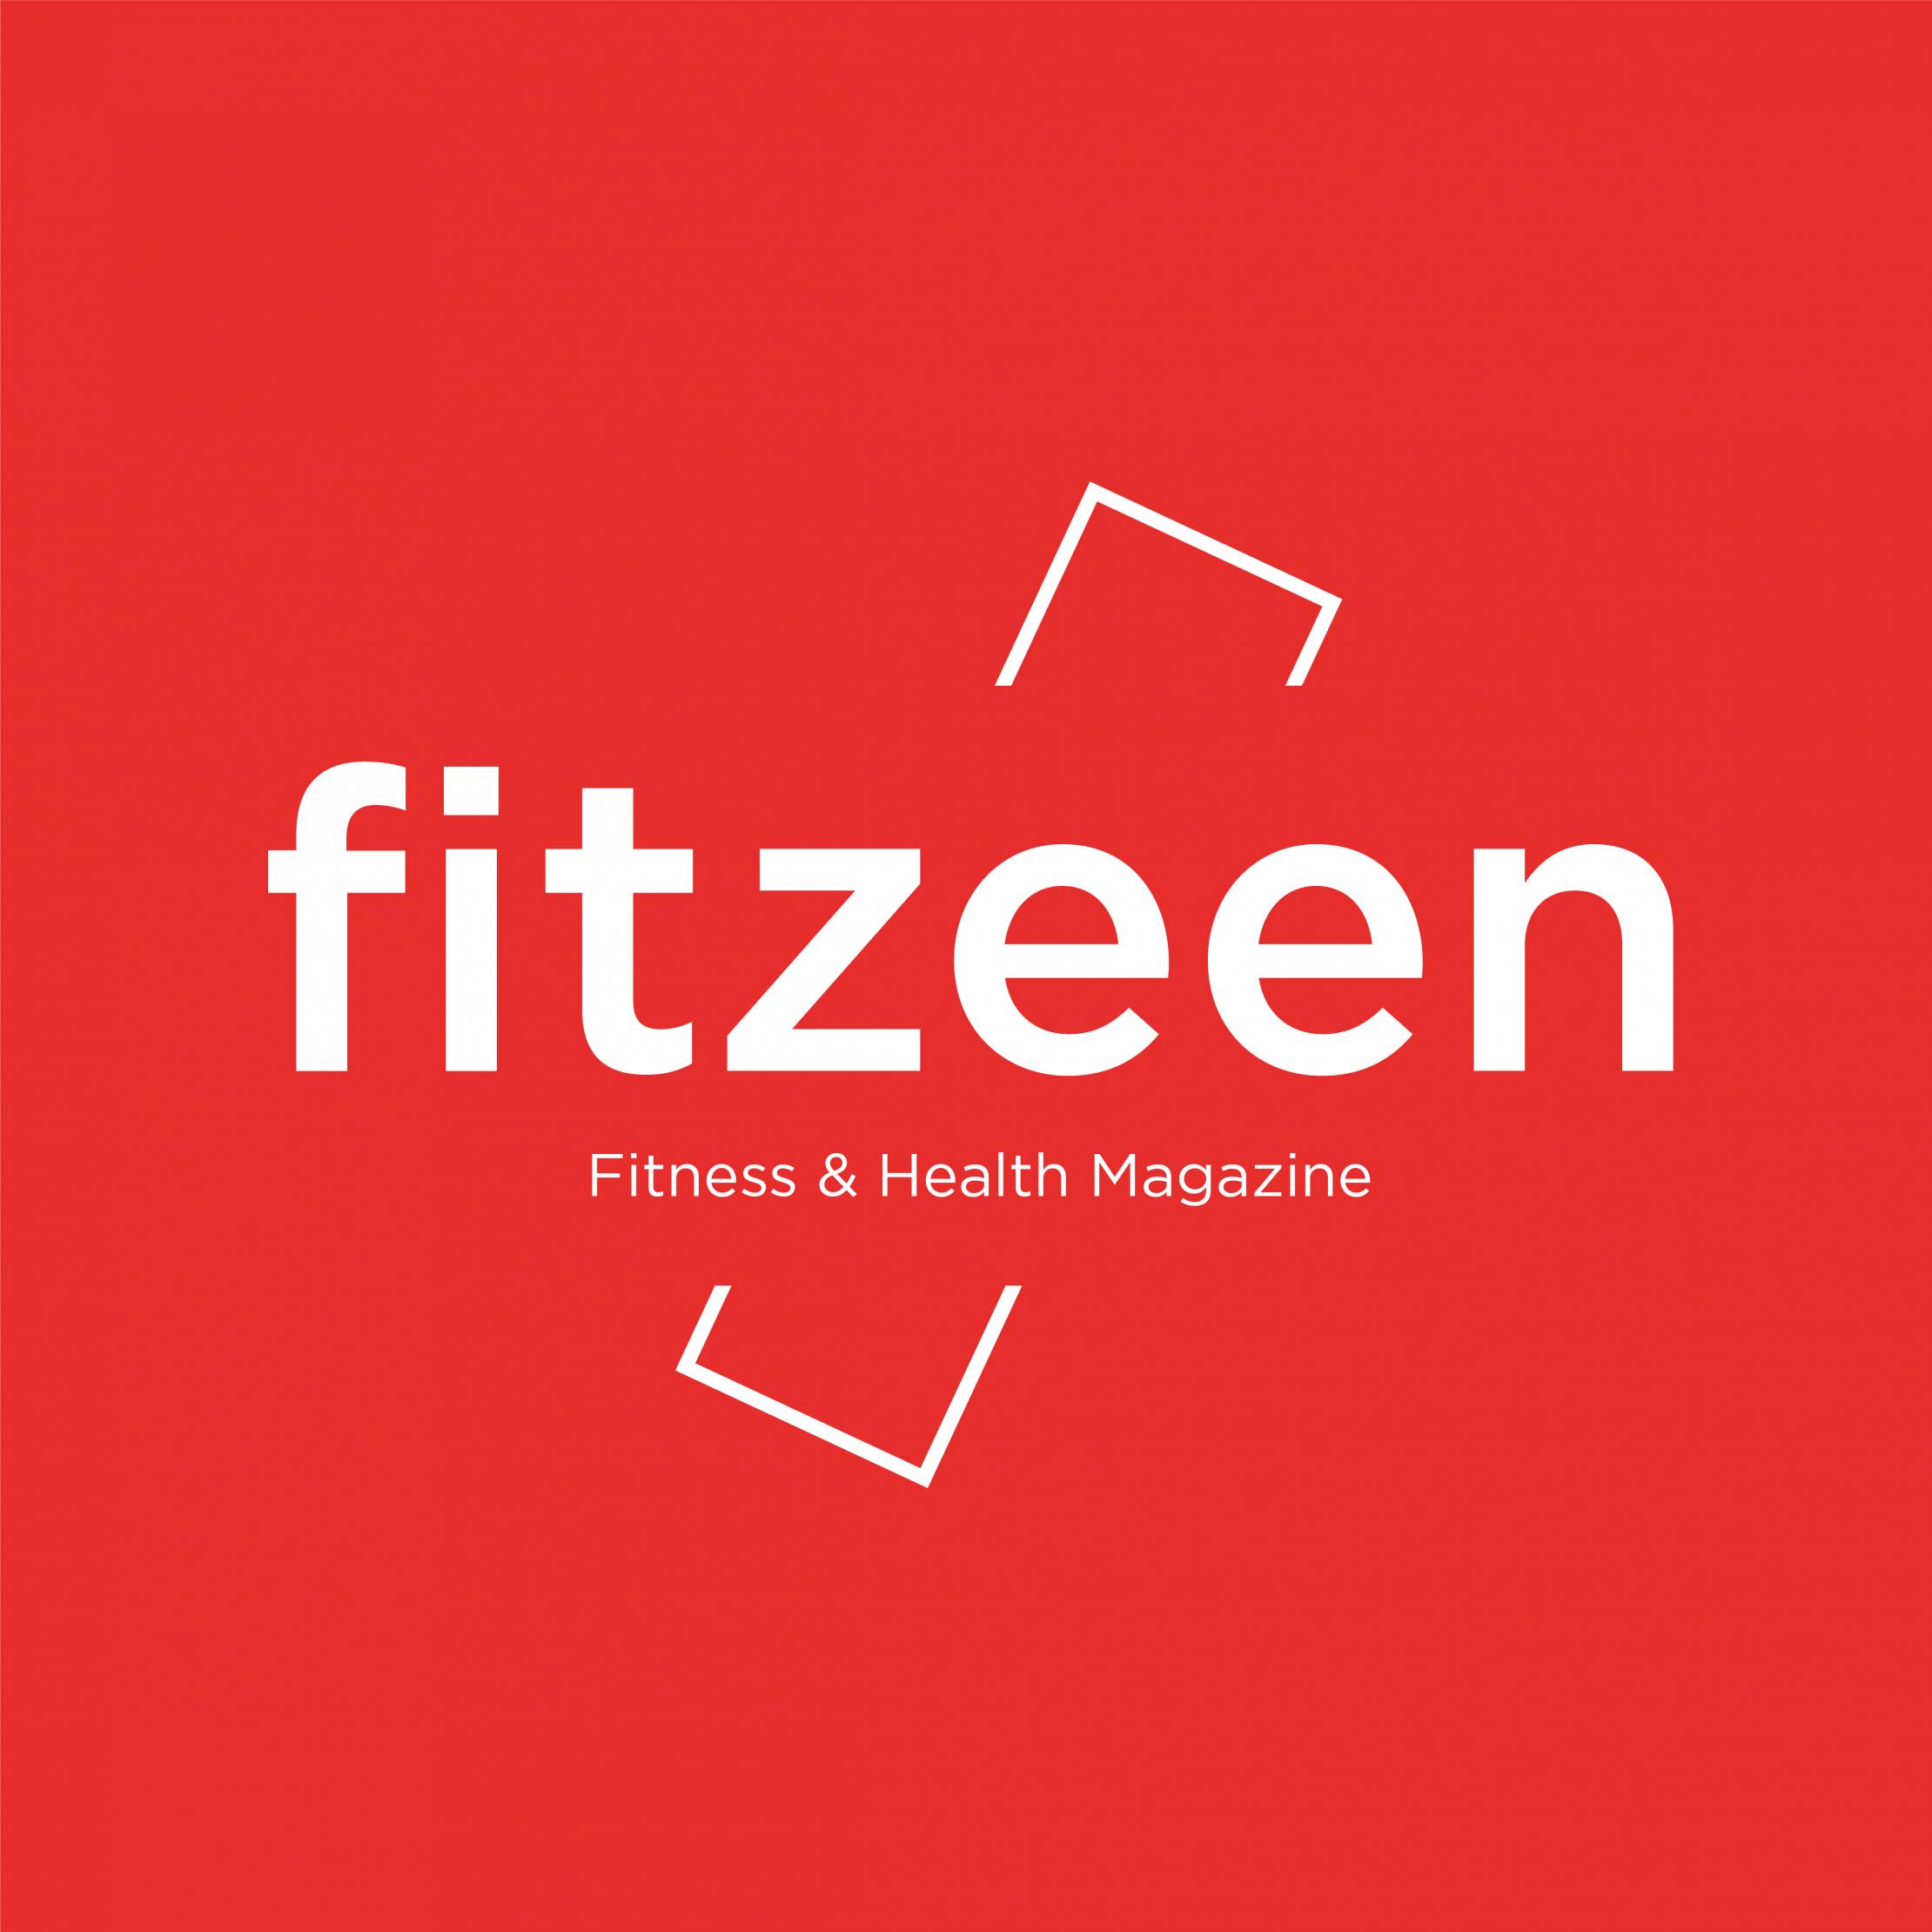 www.fitzeen.com